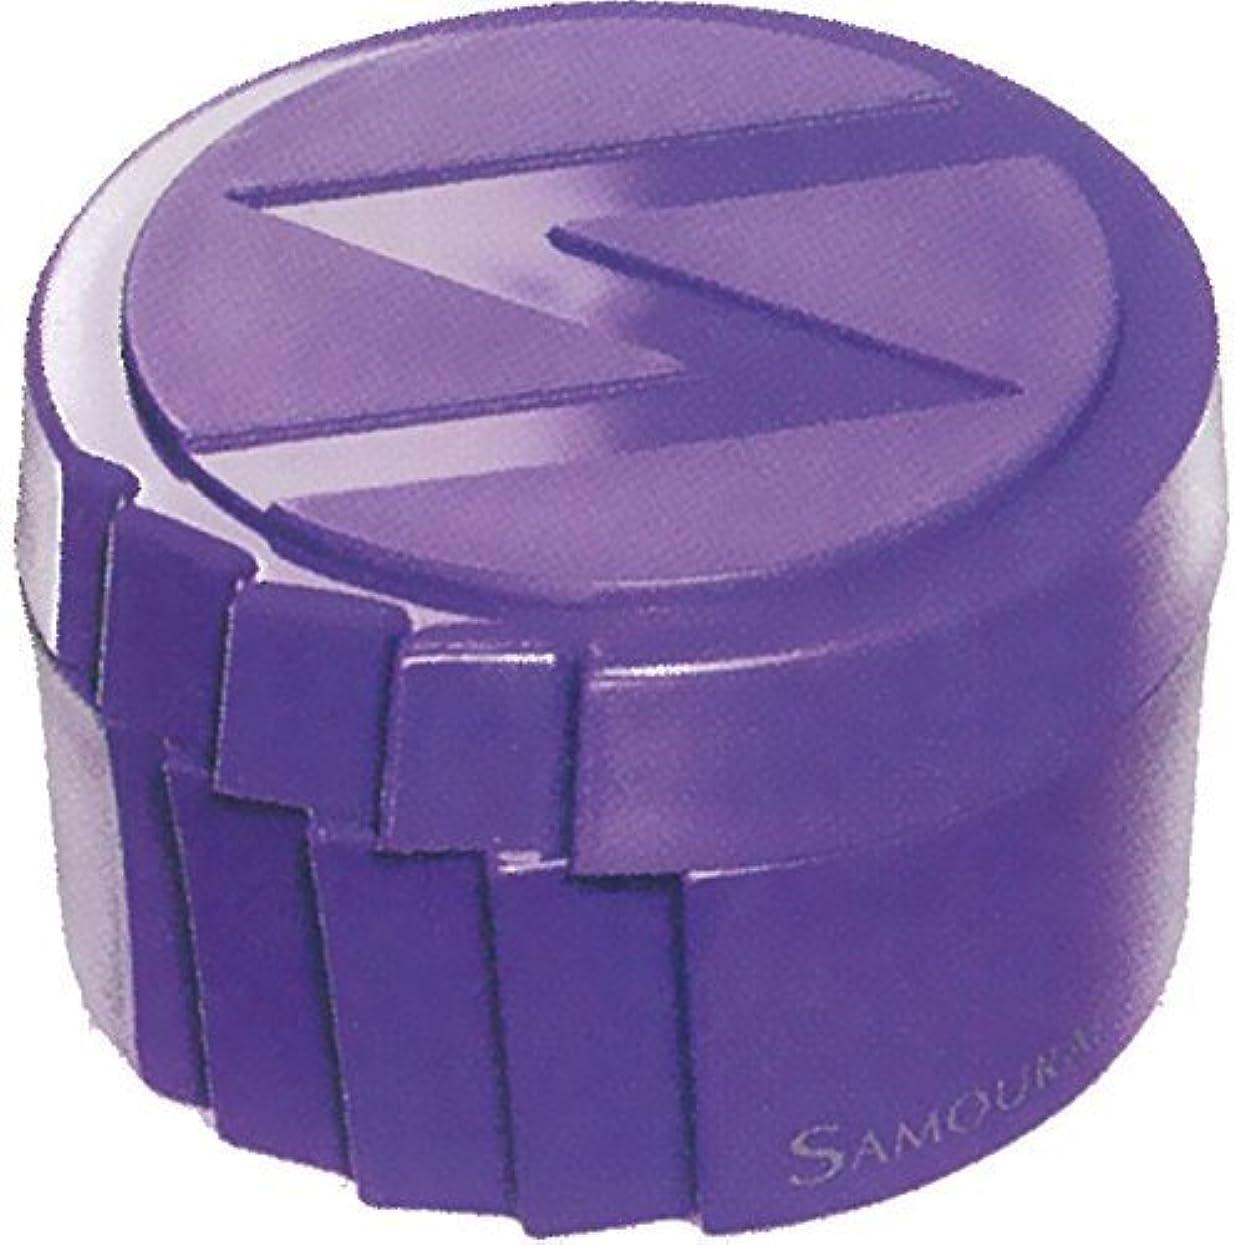 酸化物奇跡しないサムライスタイル プラスター スライミー